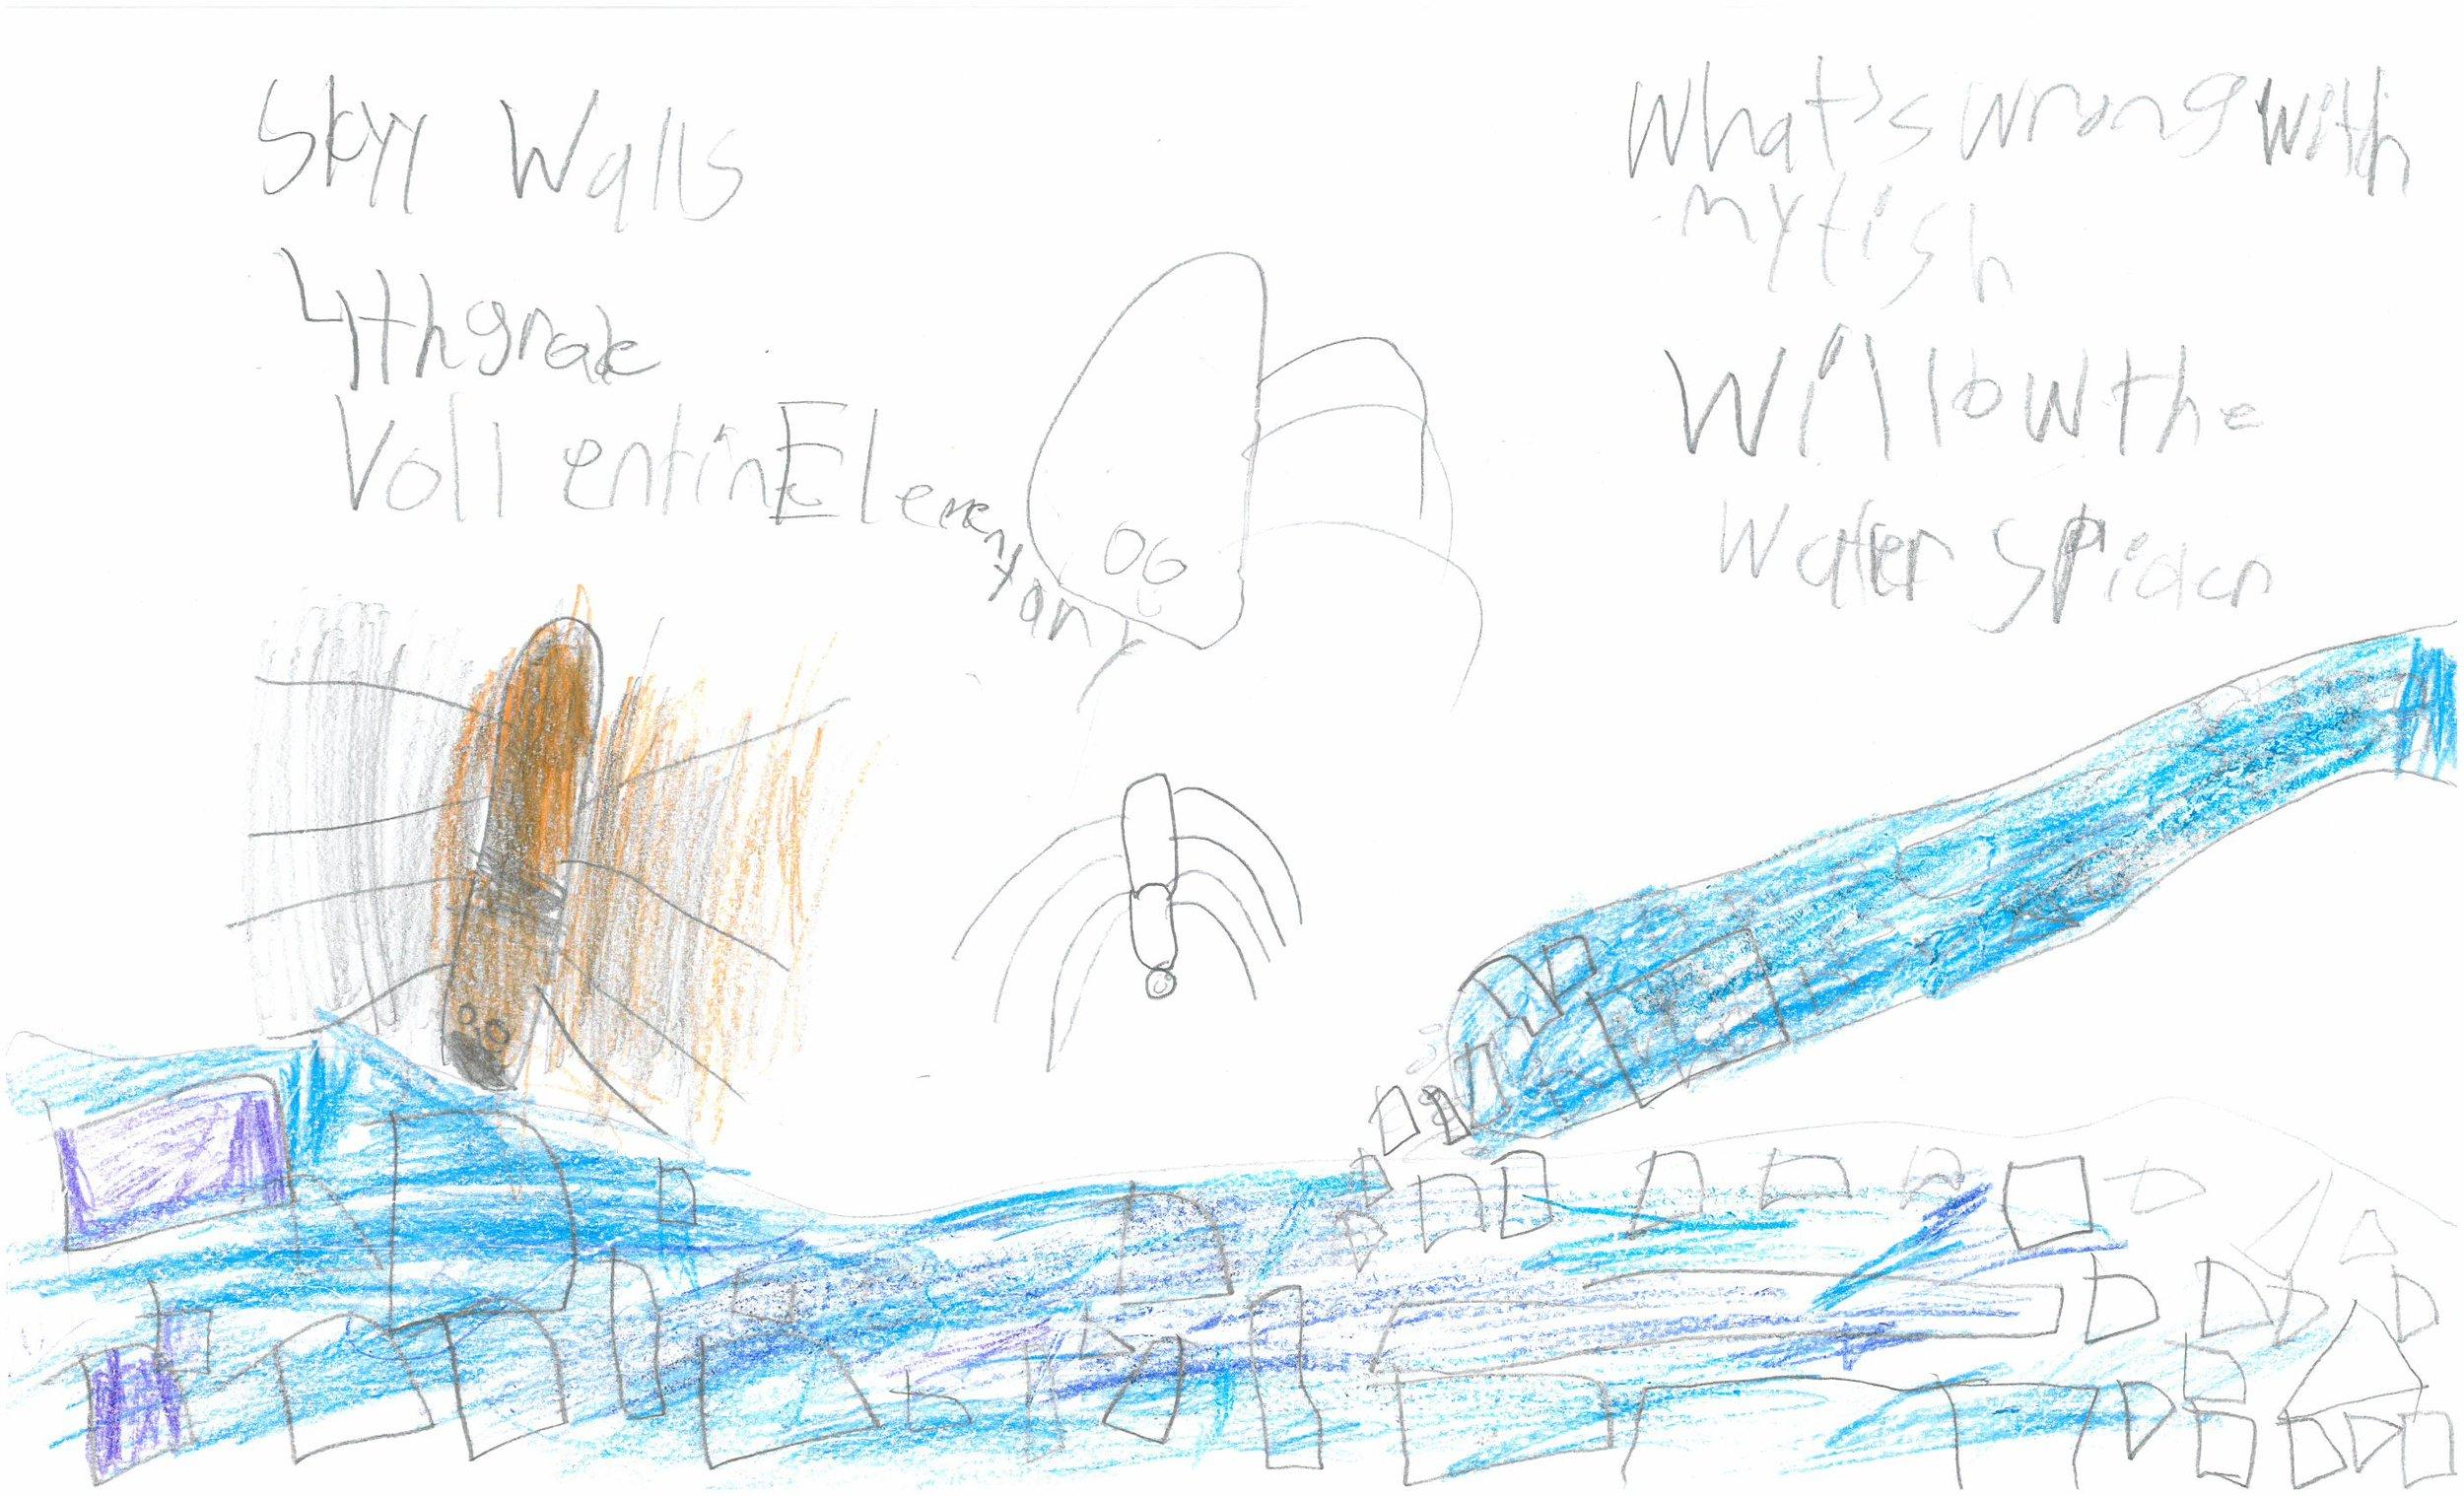 Skyy Walls, 4th grader at Vollentine Elem.